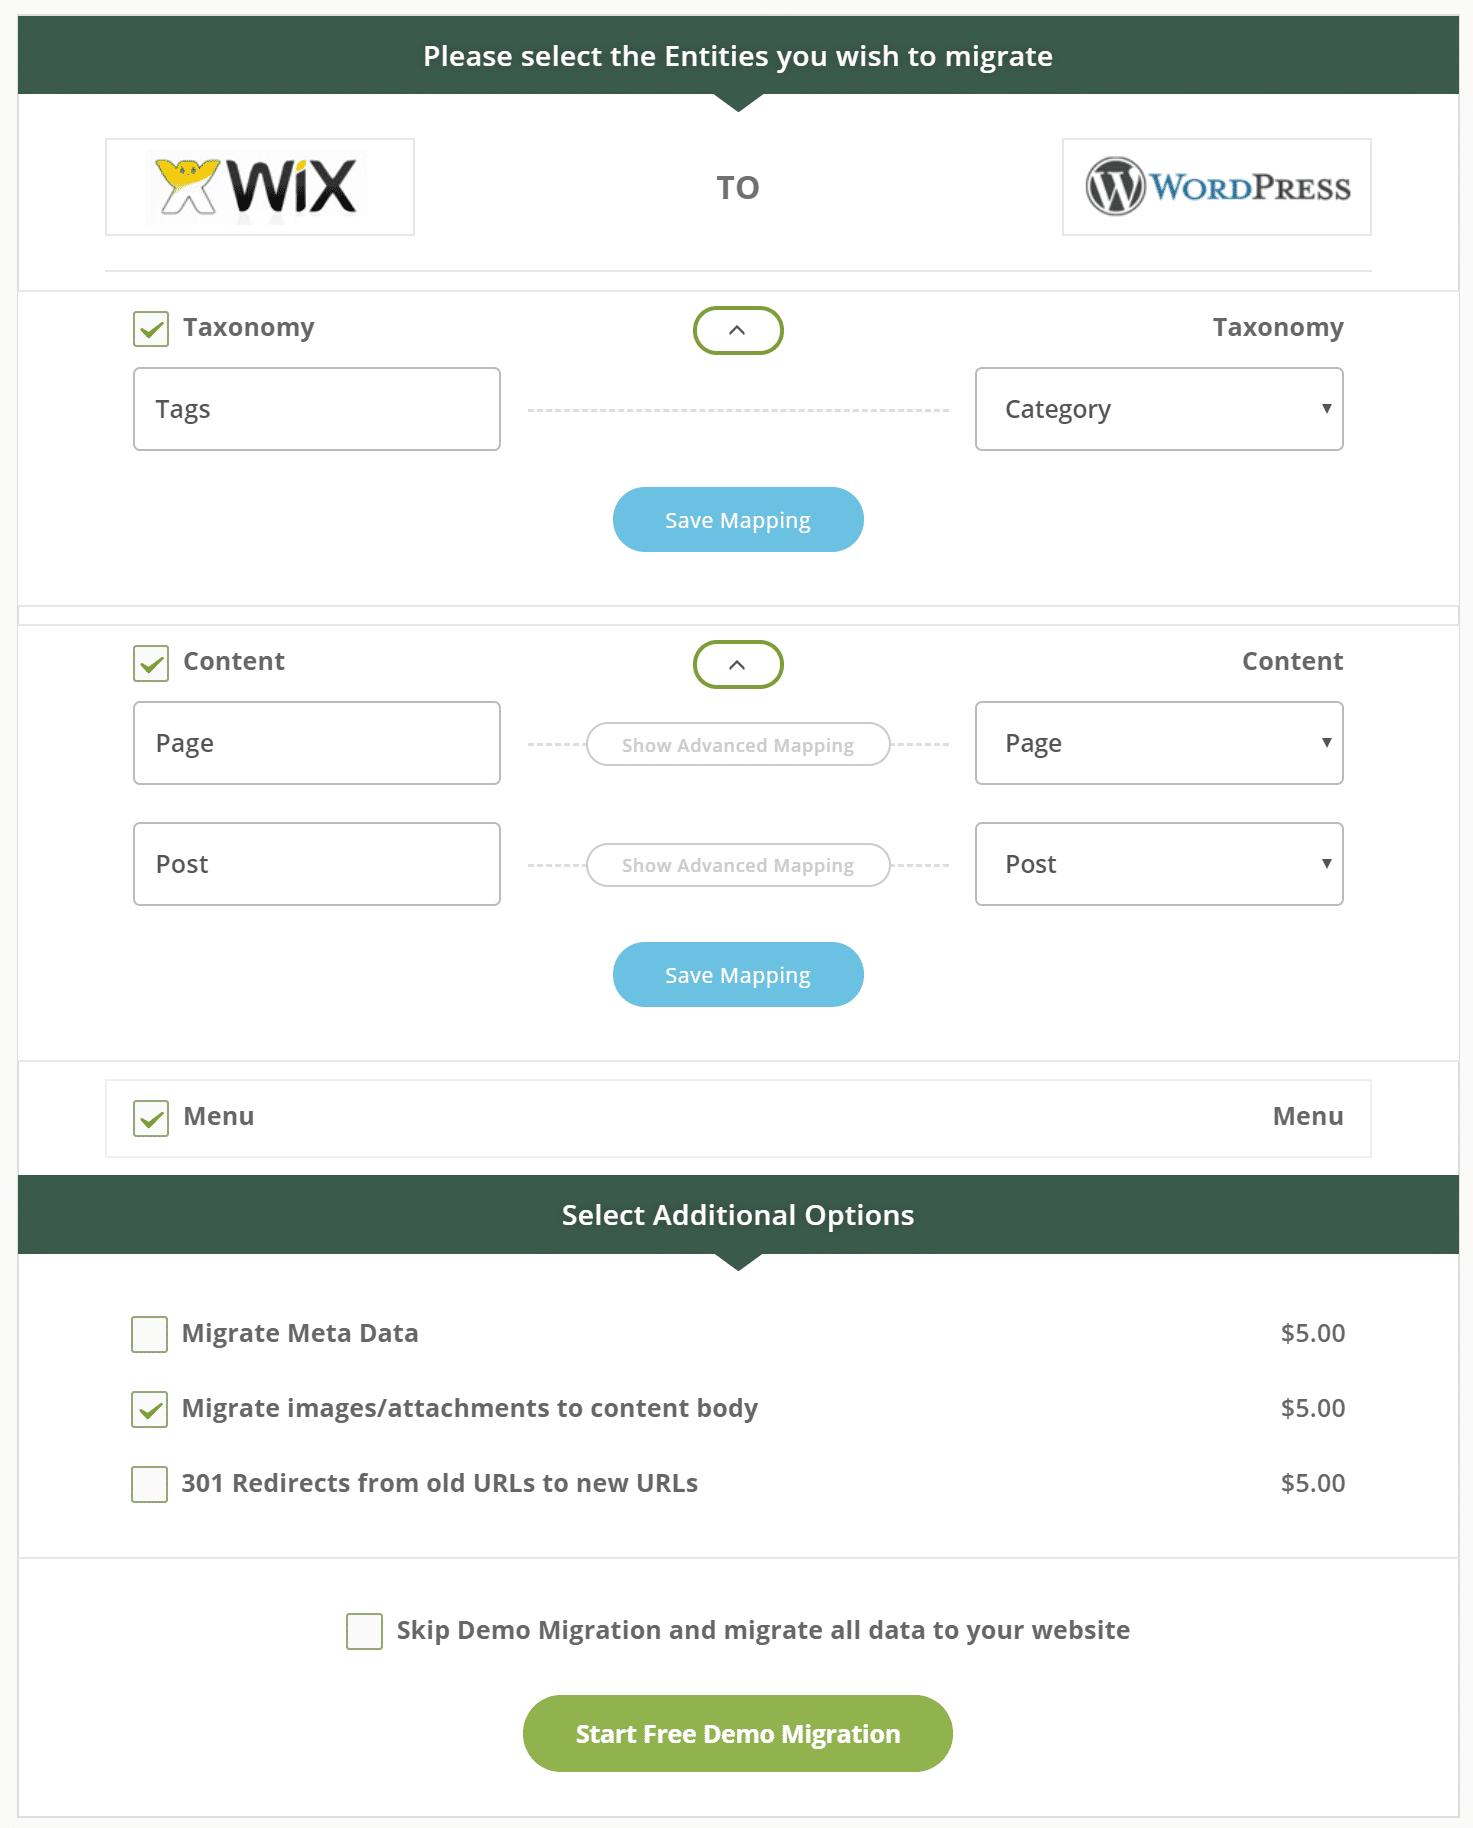 Entidades de migración Wix a WordPress